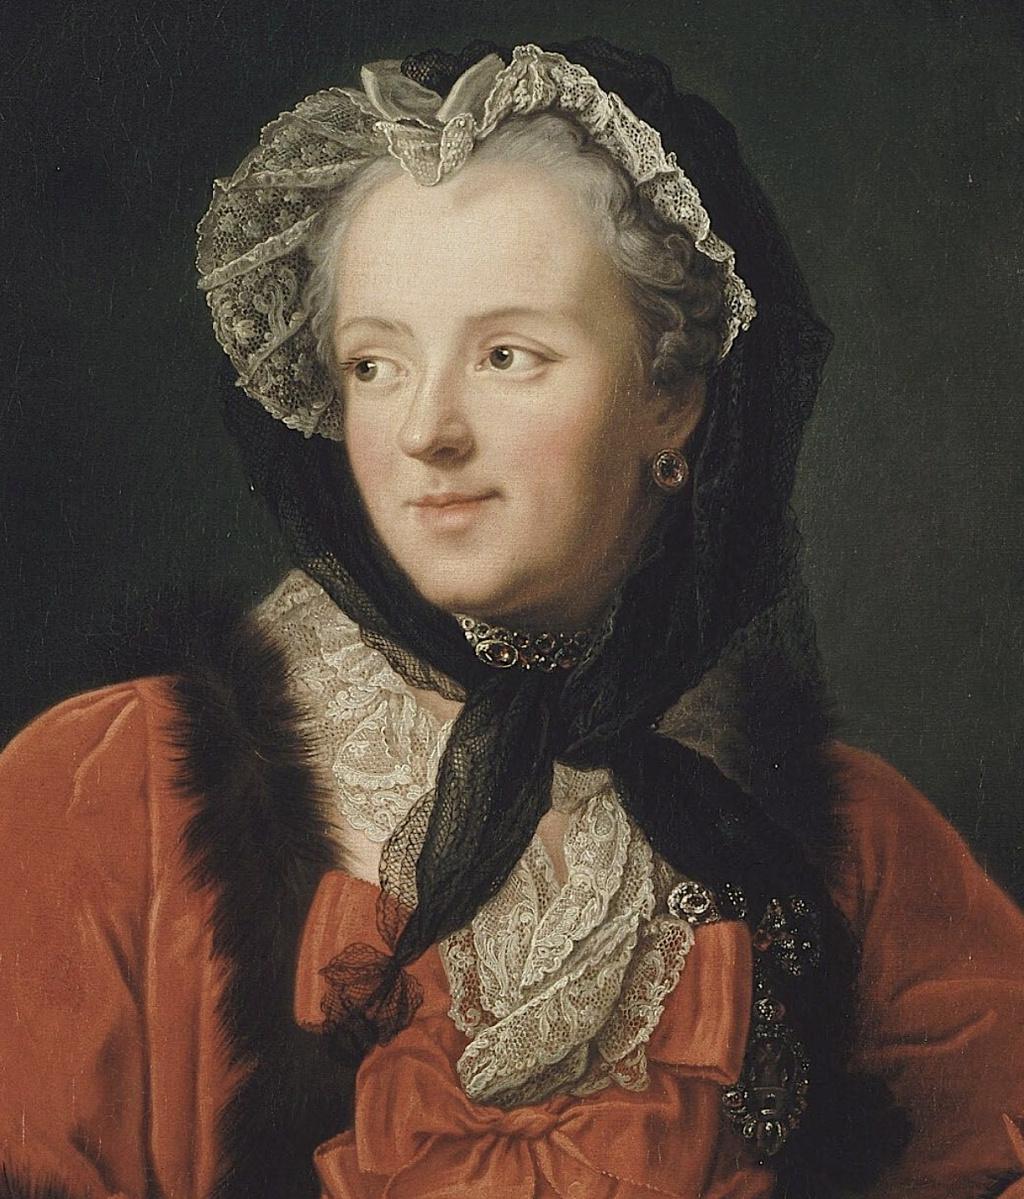 La reine Marie Leszczynska - Page 2 Captu498